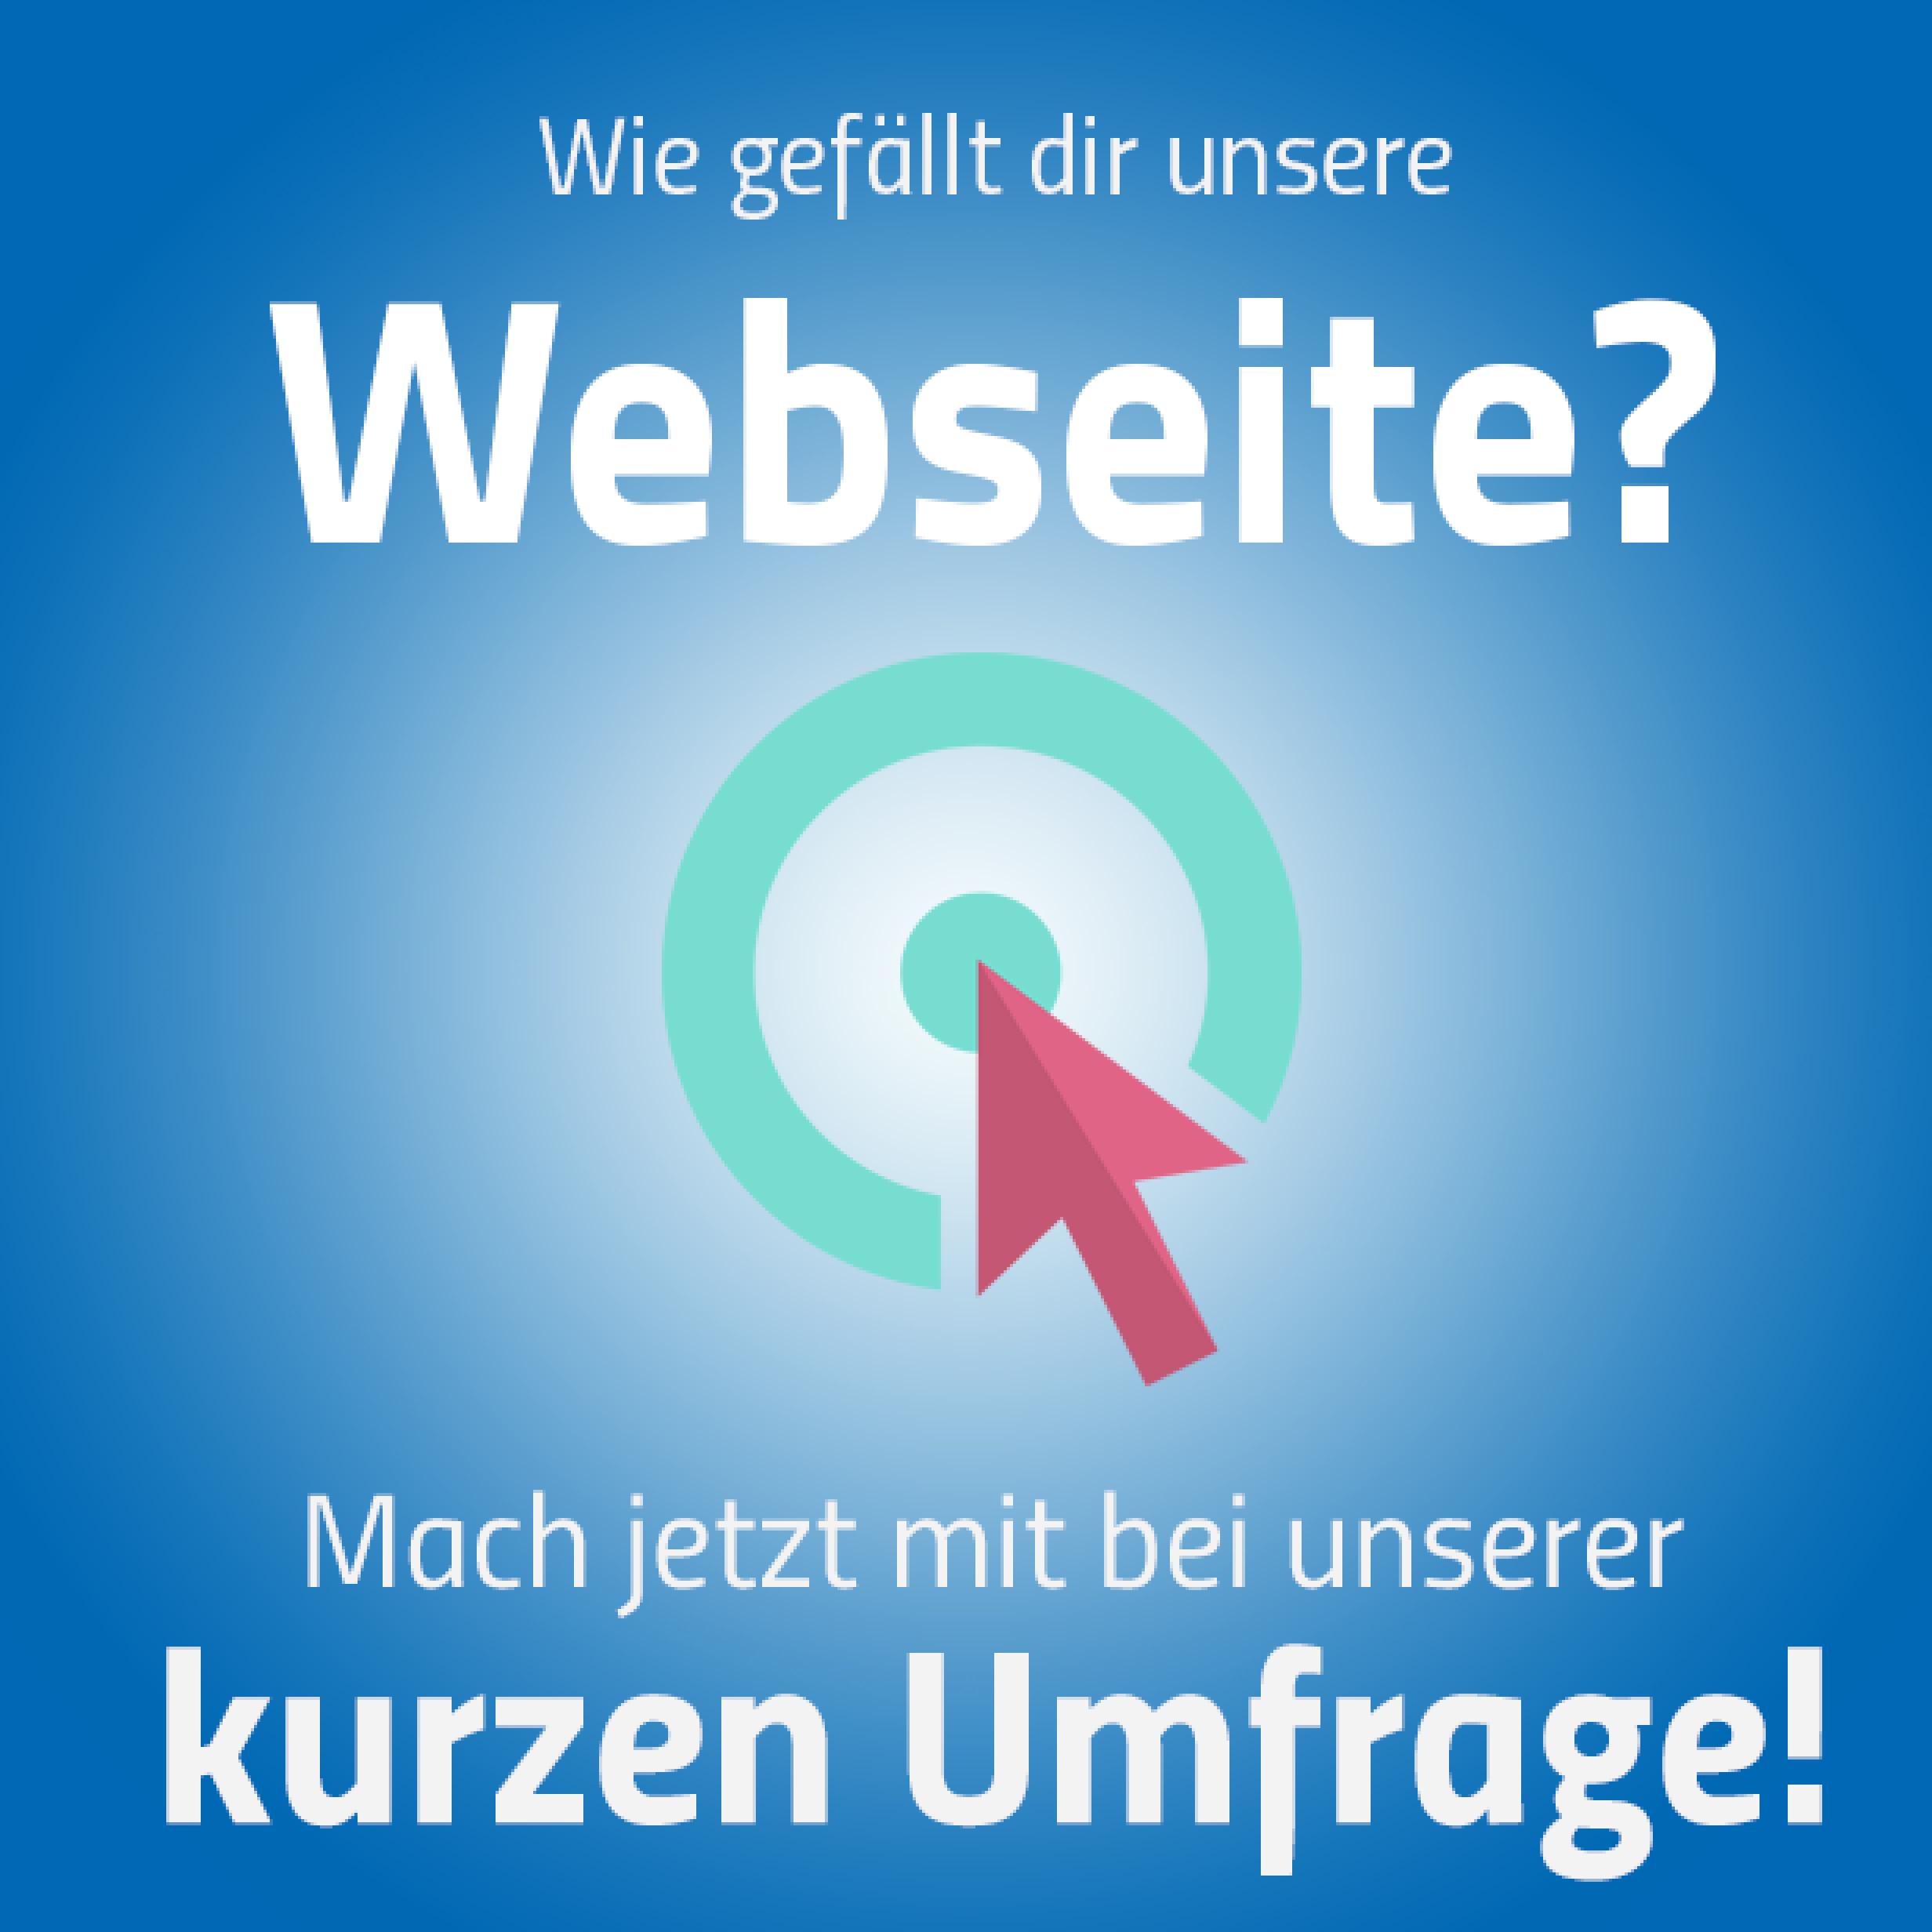 Das Bild enthält folgenden Text: Wie gefällt dir unsere Webseite? Mach jetzt mit bei unserer kurzen Umfrage!